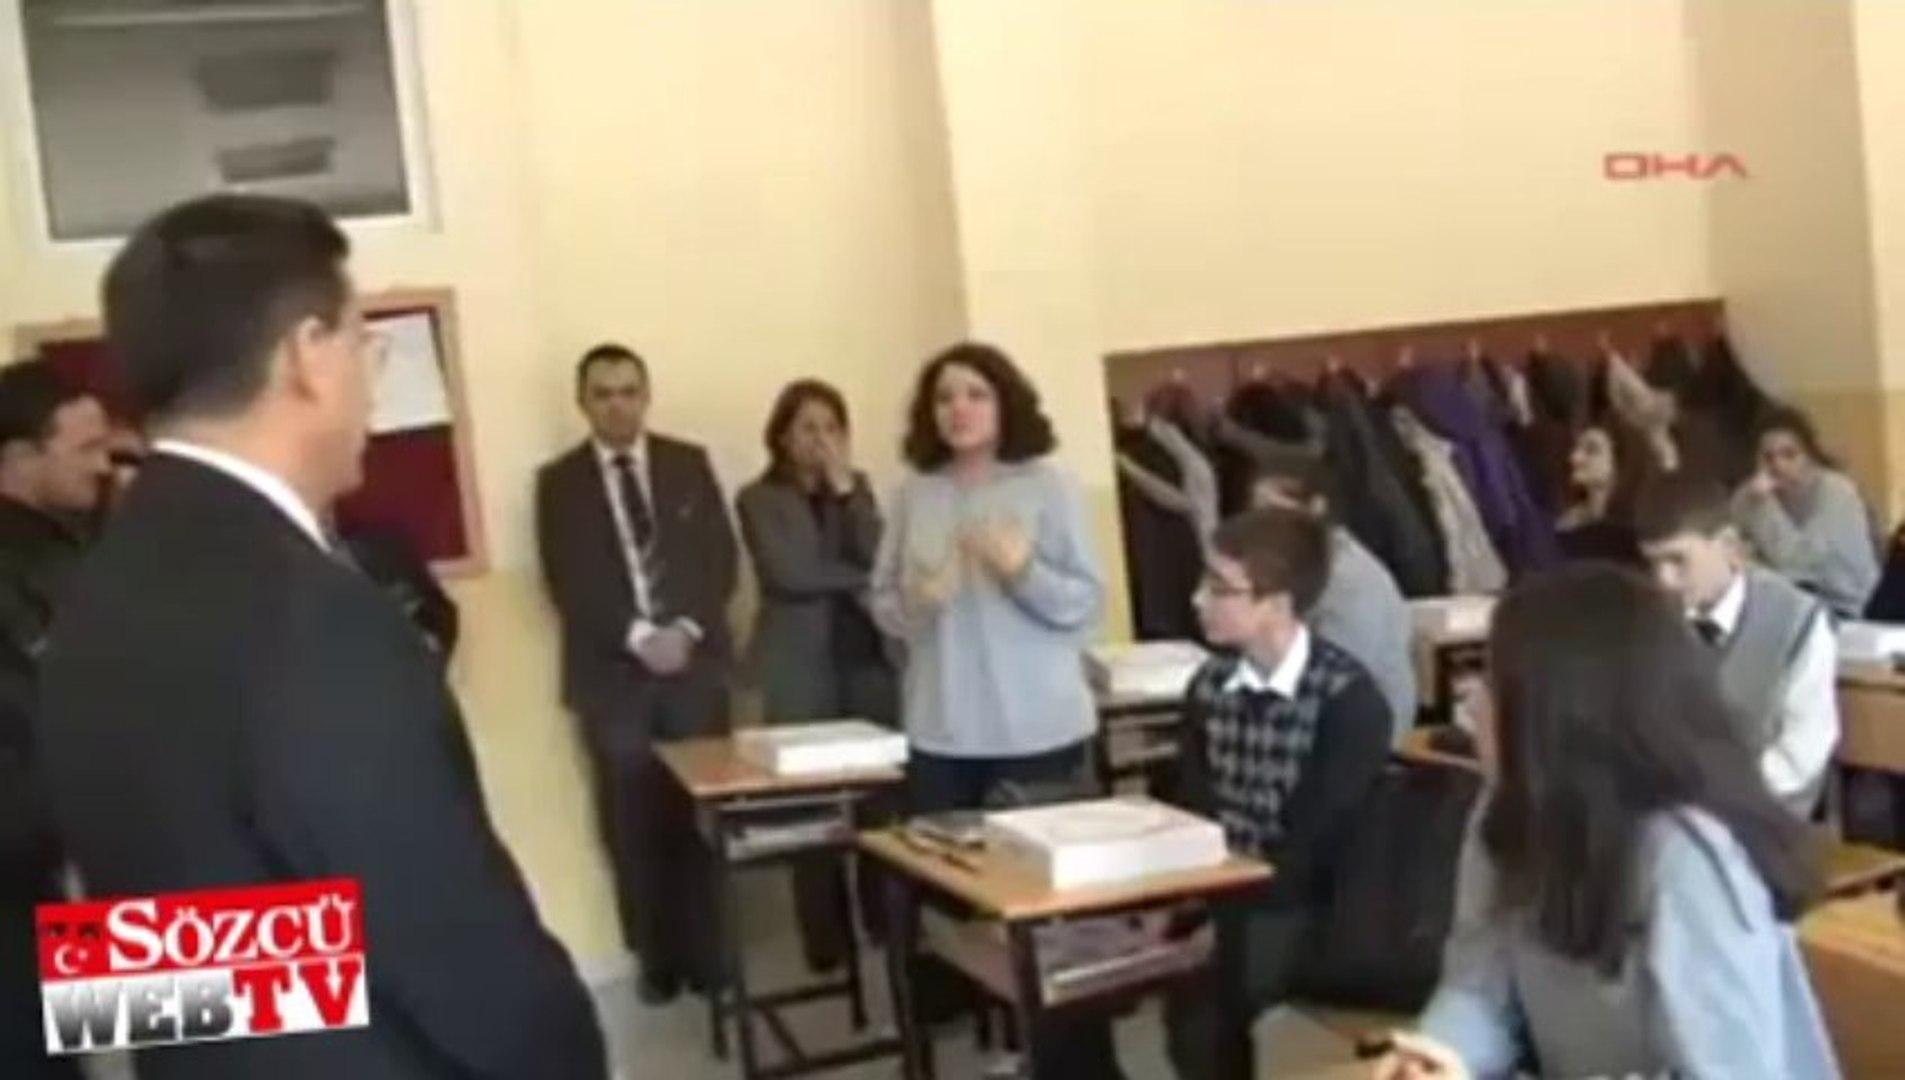 Öğrenciden tokat gibi Atatürk cevabı